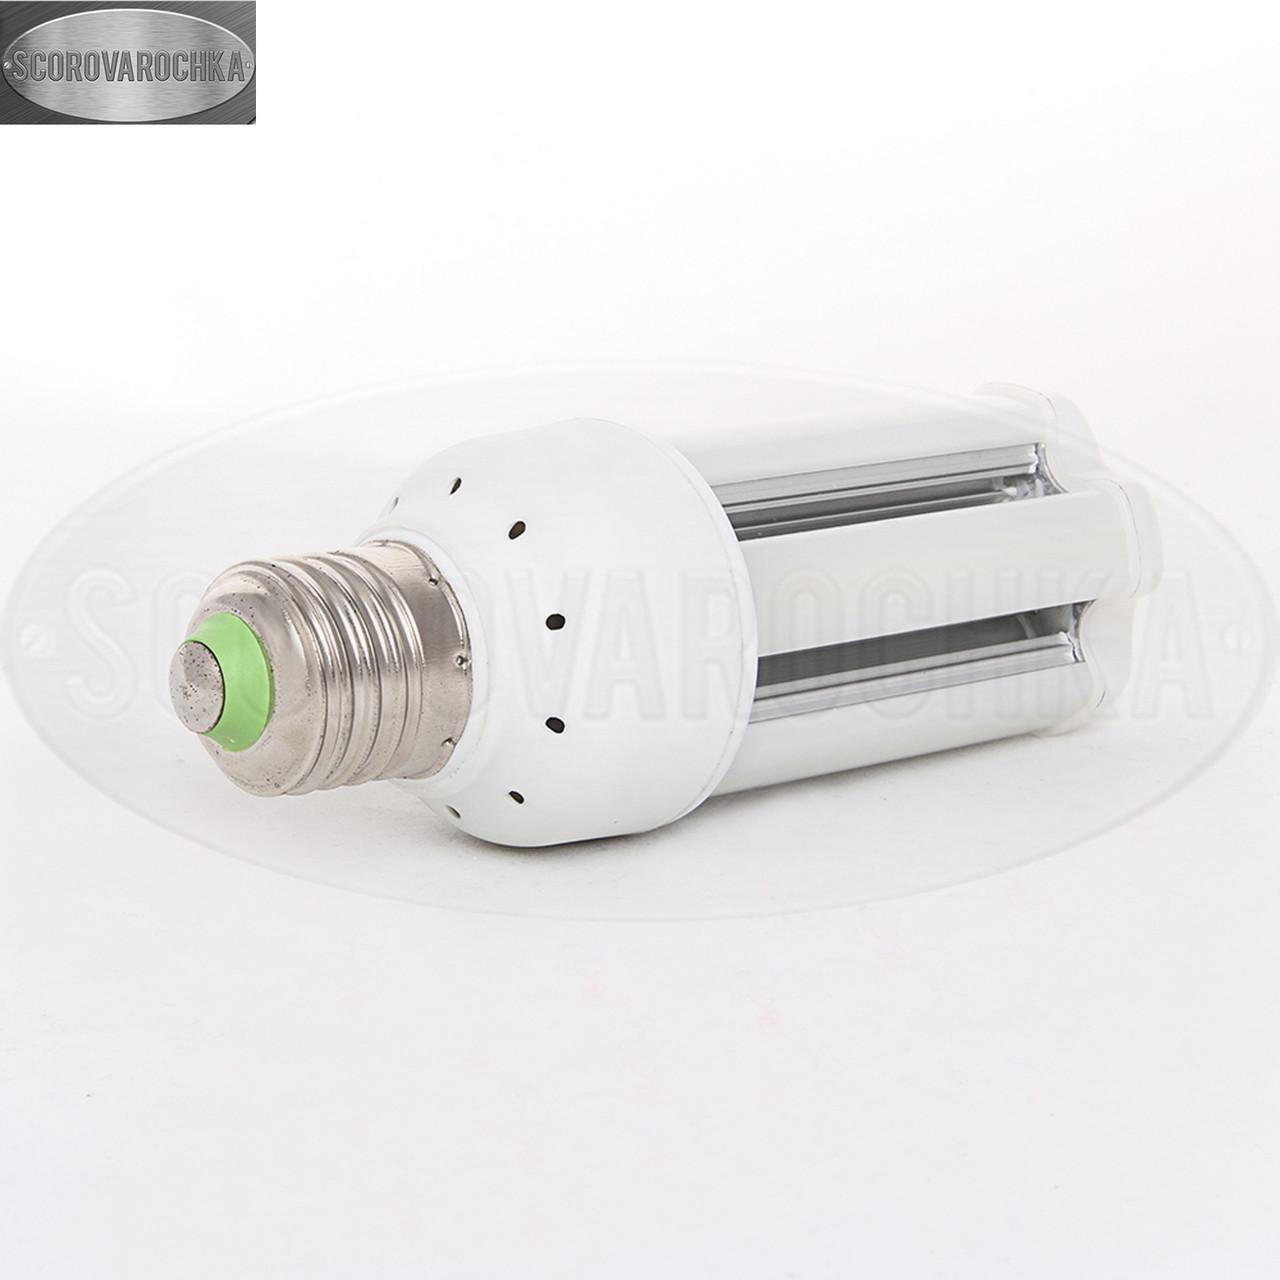 """Промышленное Светодиодное (LED) освещение GH-CL1-40W (4200 Lm),IP43 - """"SKOROVAROCHKA"""""""